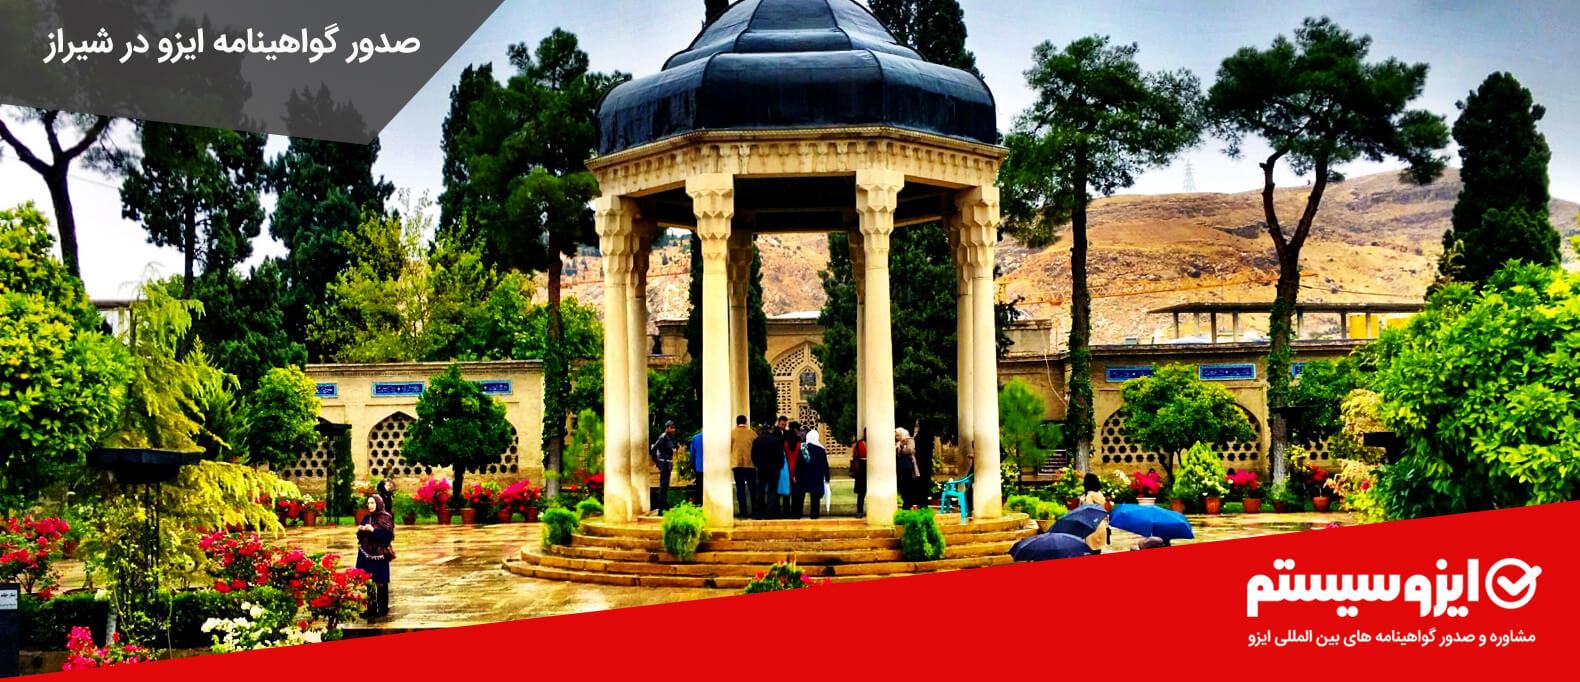 دریافت ایزو در شیراز